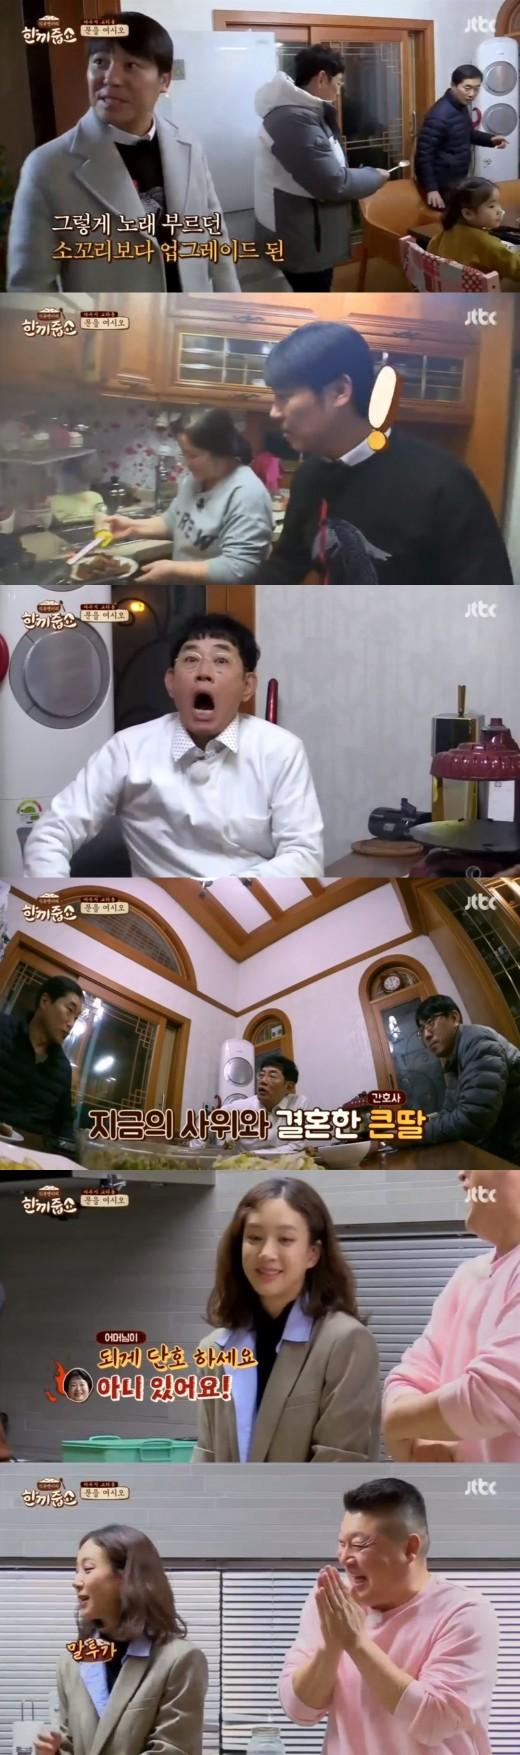 '한끼줍쇼' 임창정X정려원, 나란히 성공…'훈훈 케미' _이미지